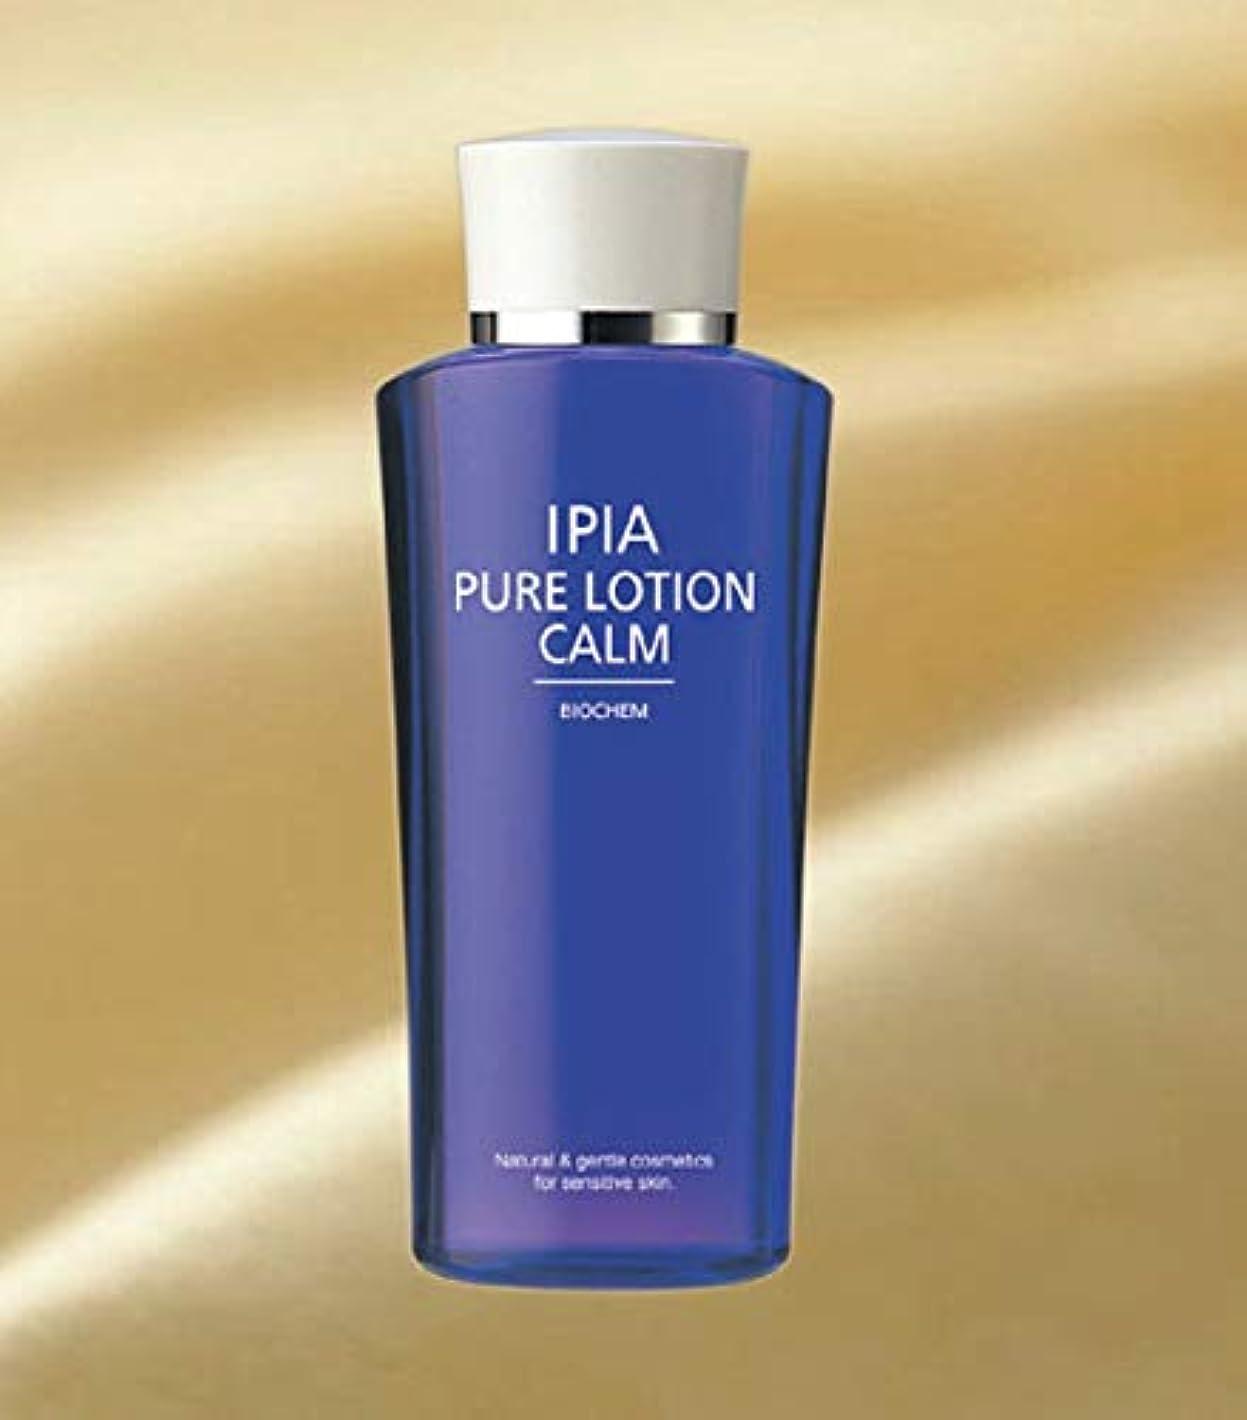 デンプシー引用他のバンドでイピア ピュアローション カーム(150ml) IPIA Pure Lotion Caim